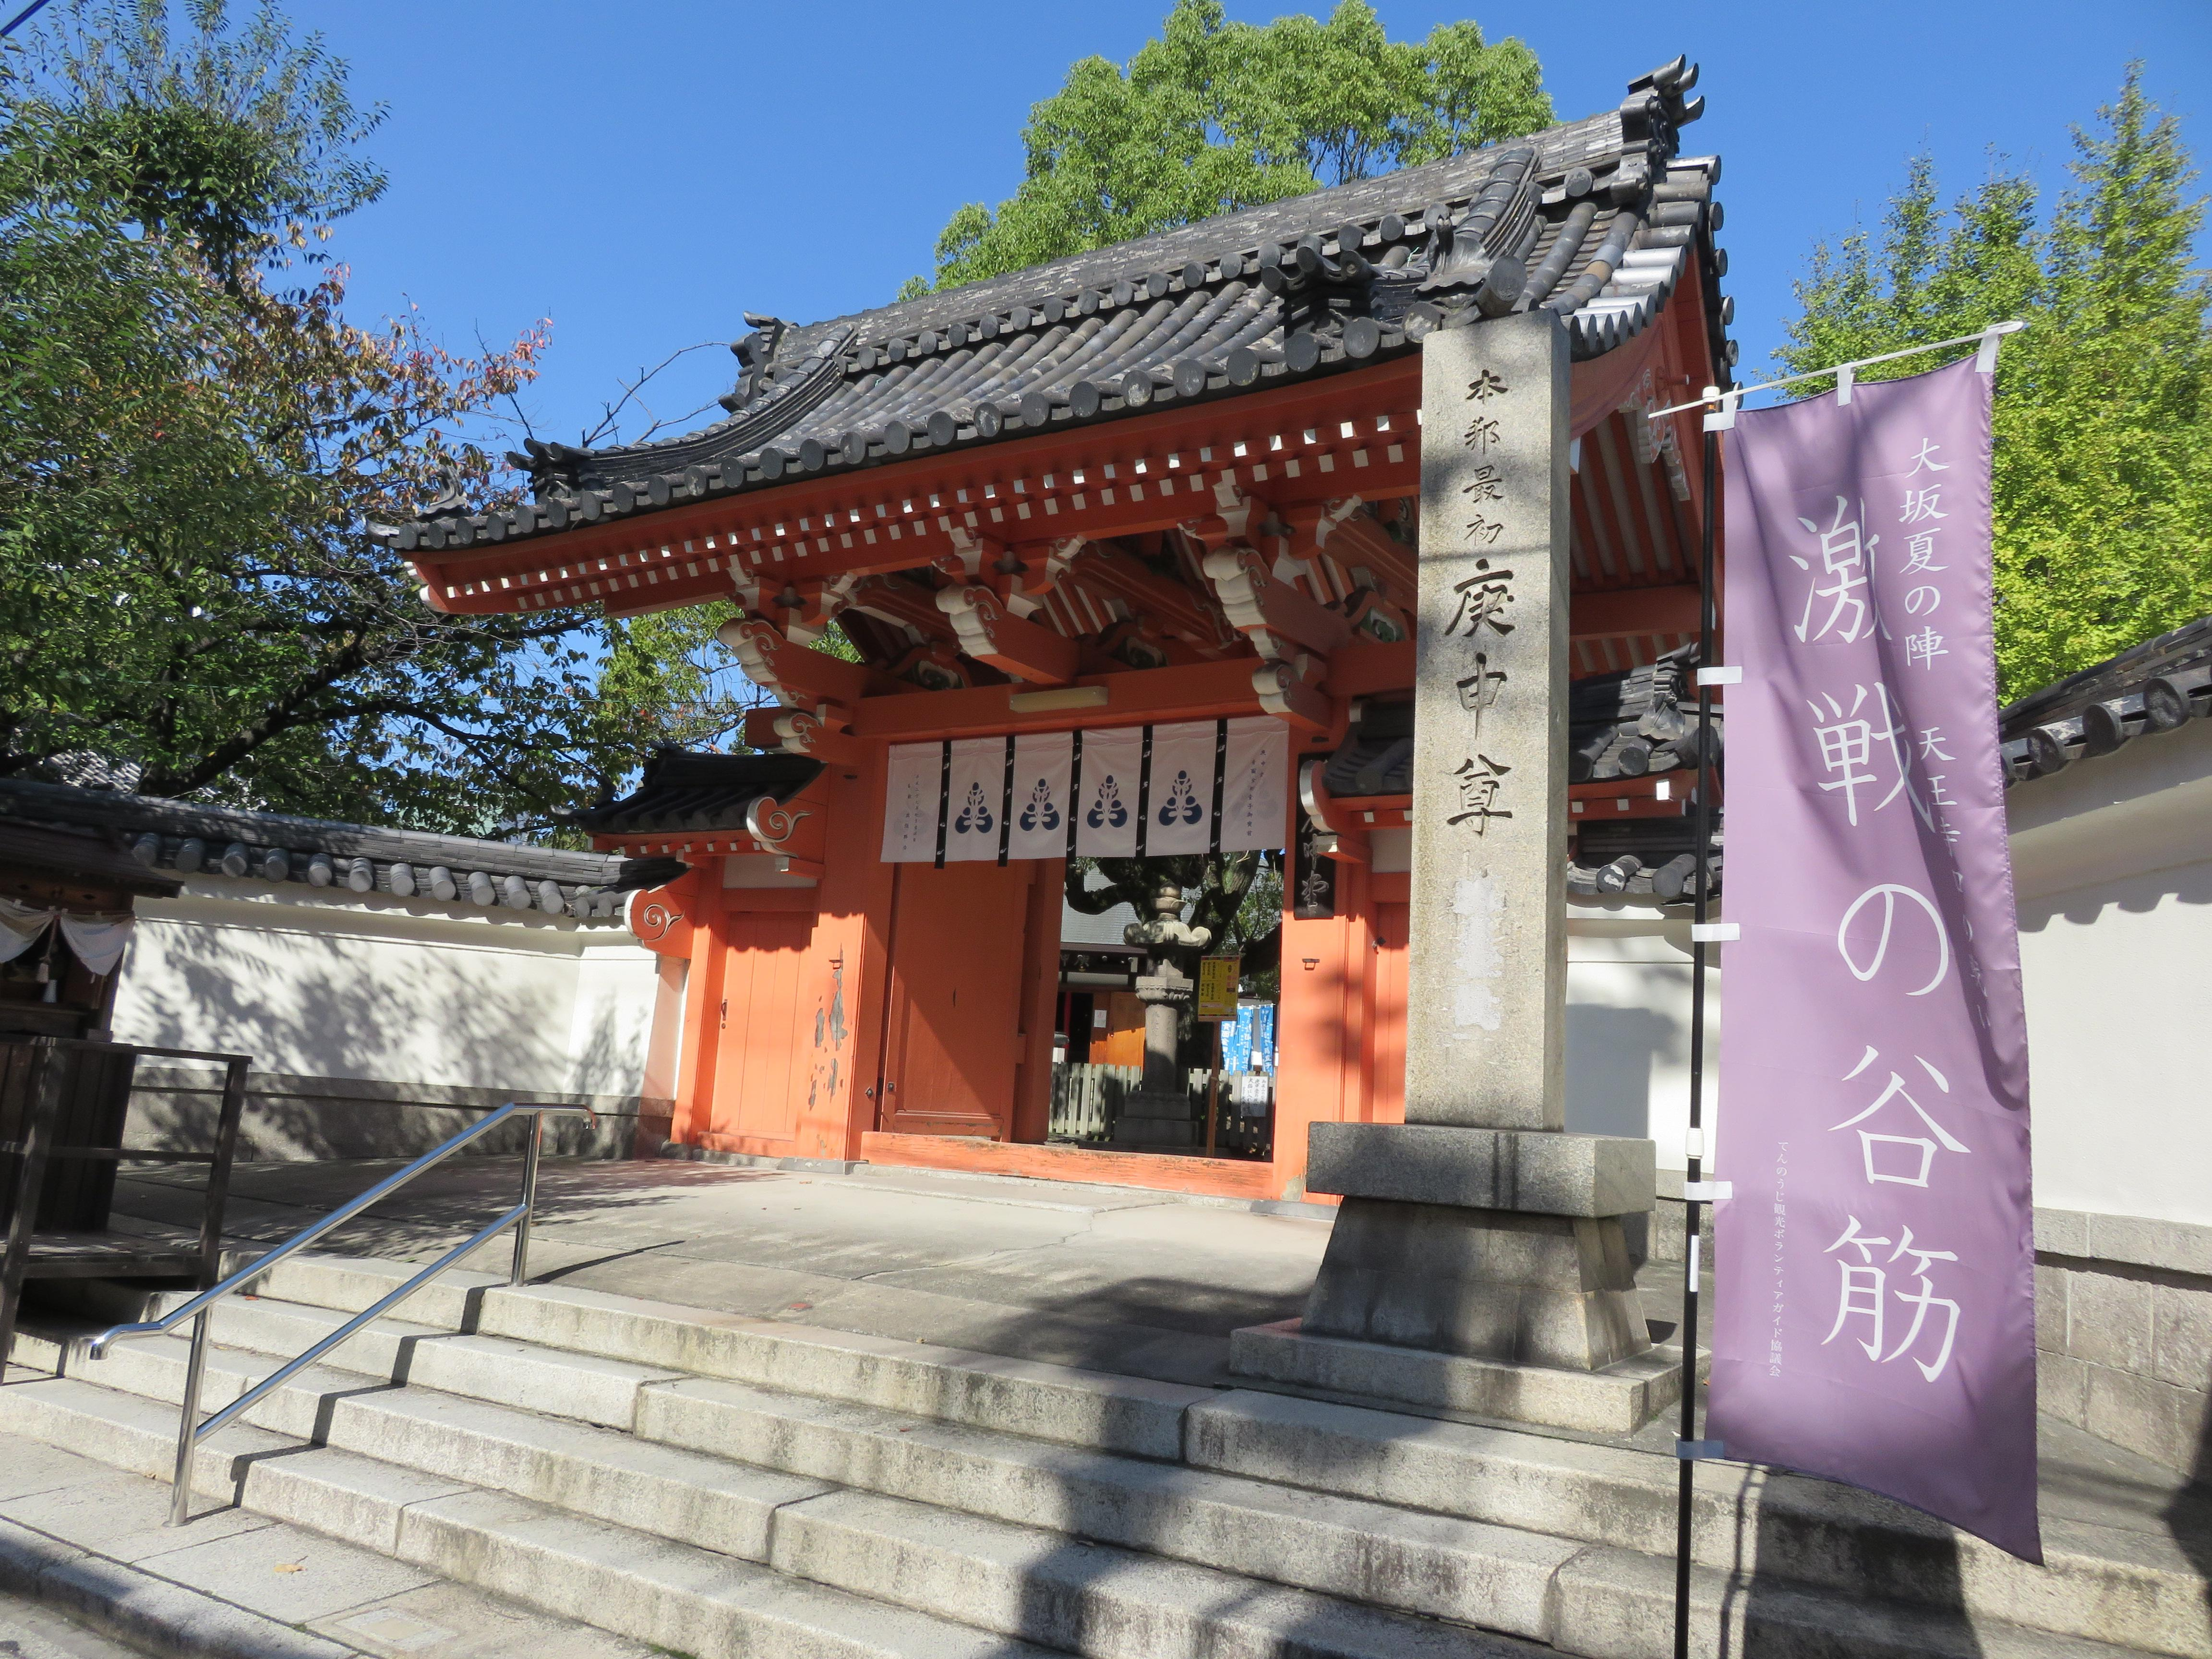 四天王寺庚申堂の山門